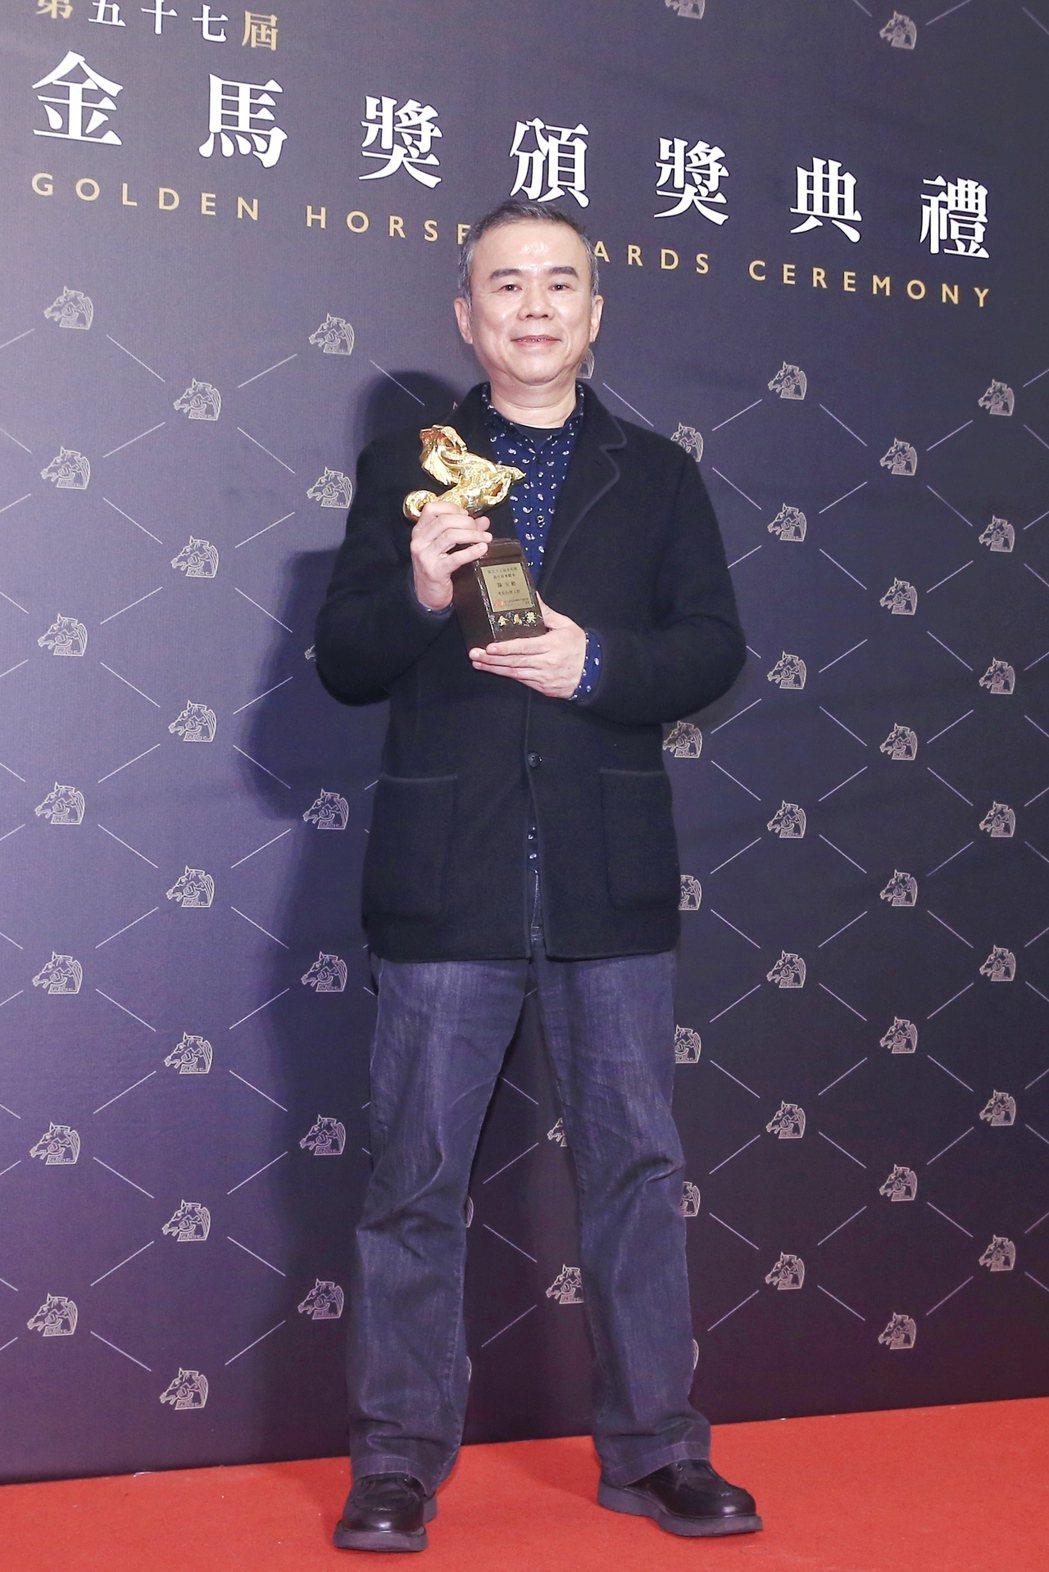 第57屆金馬獎頒獎典禮在國父紀念館舉行,陳玉勳以《消失的情人節》獲頒最佳原著劇本...